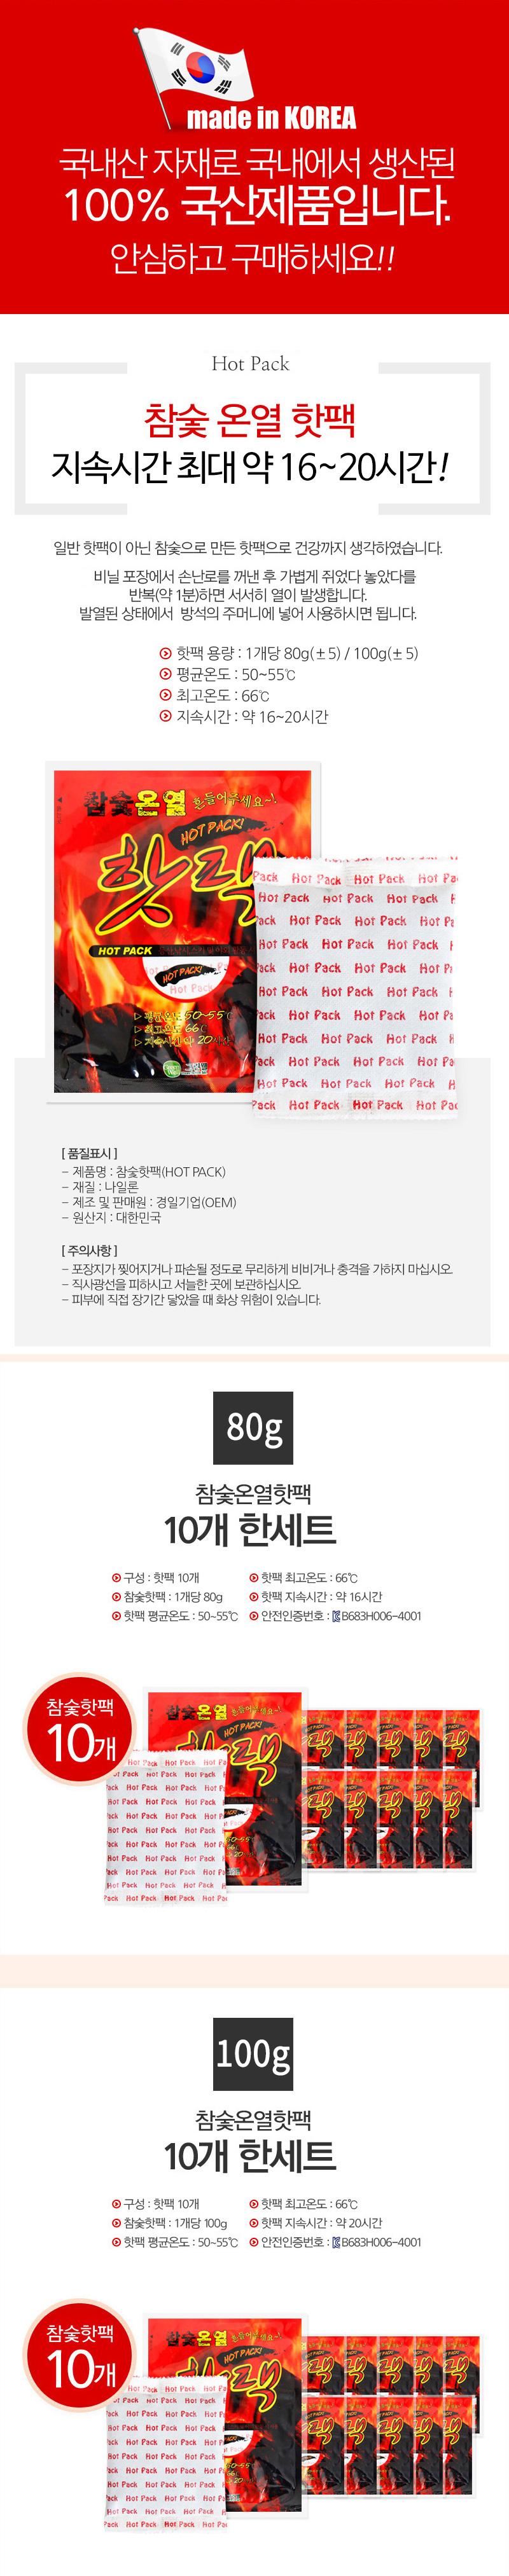 참숯 온열 핫팩 100g 50개(5set) - 아도라하우스, 100,000원, 겨울용품, 손난로/핫팩